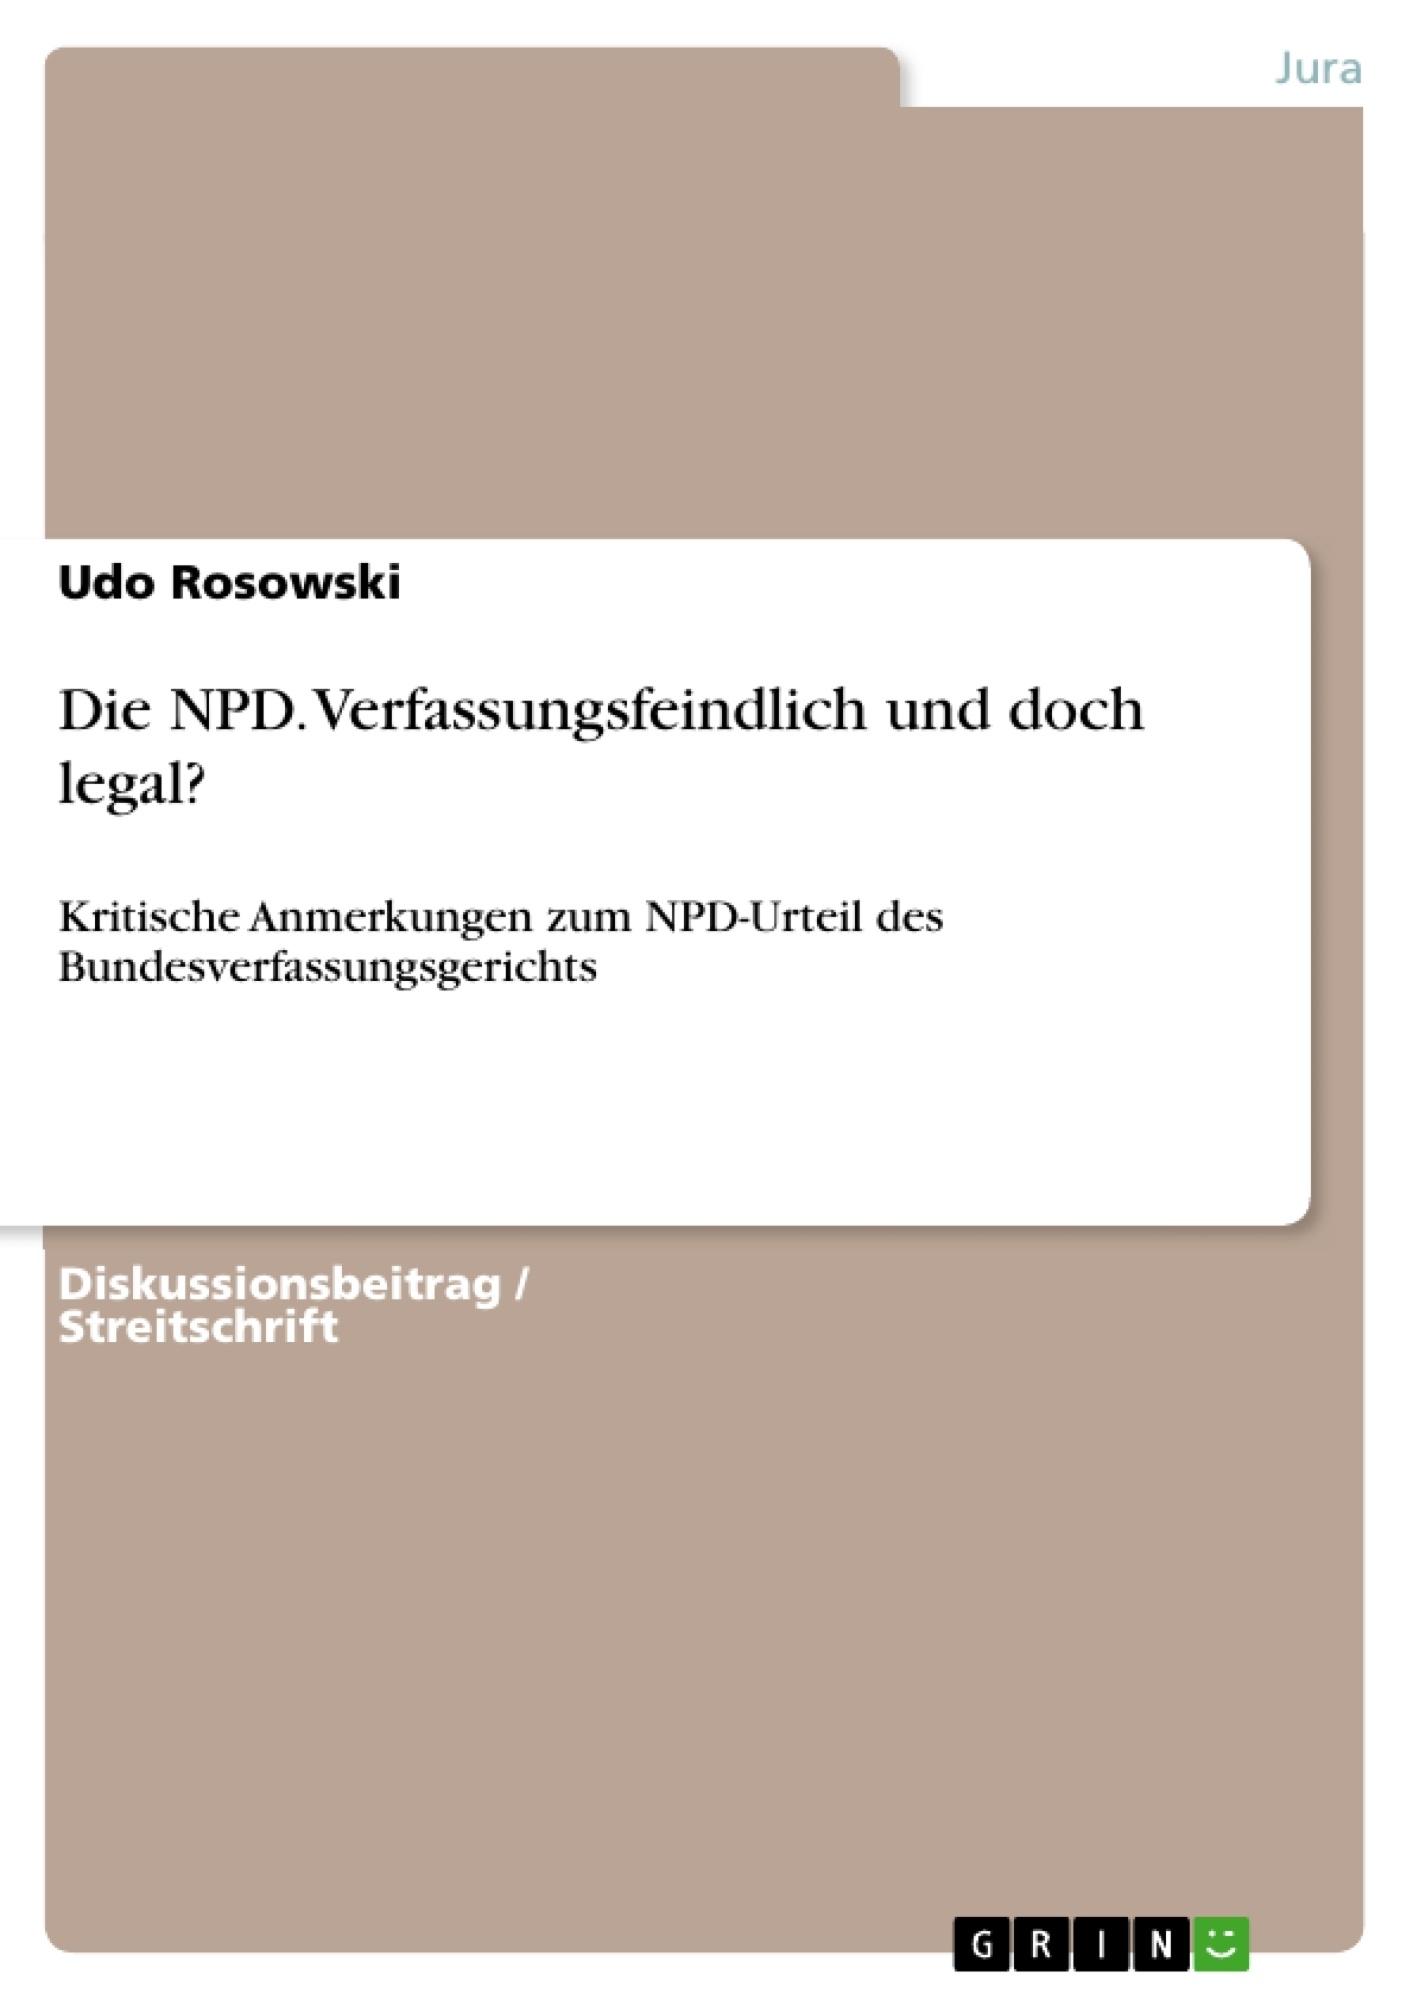 Titel: Die NPD. Verfassungsfeindlich und doch legal?